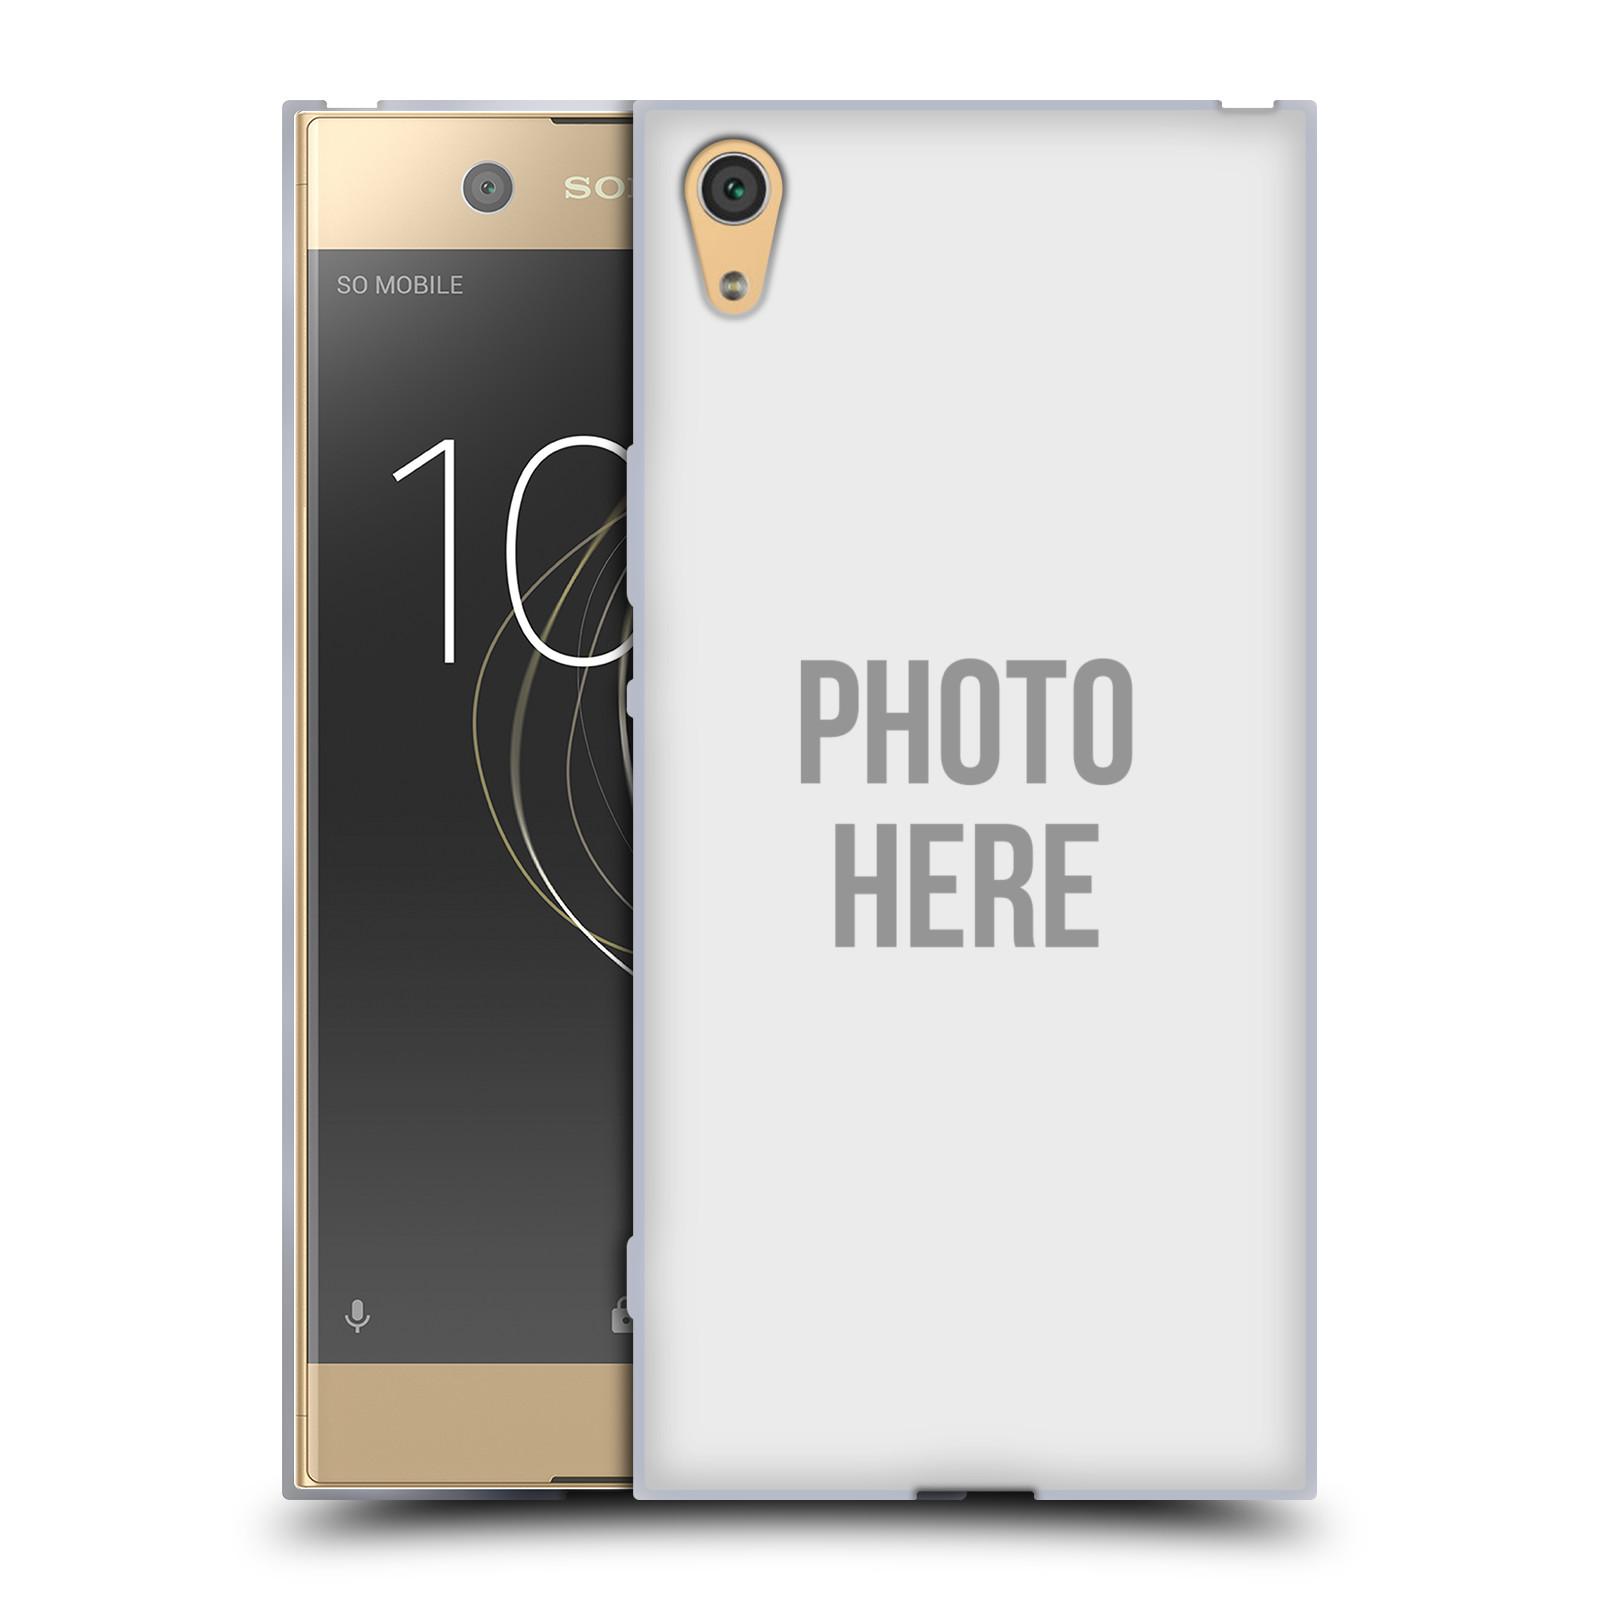 Silikonové pouzdro na mobil Sony Xperia XA1 Ultra - Head Case - s vlastním motivem